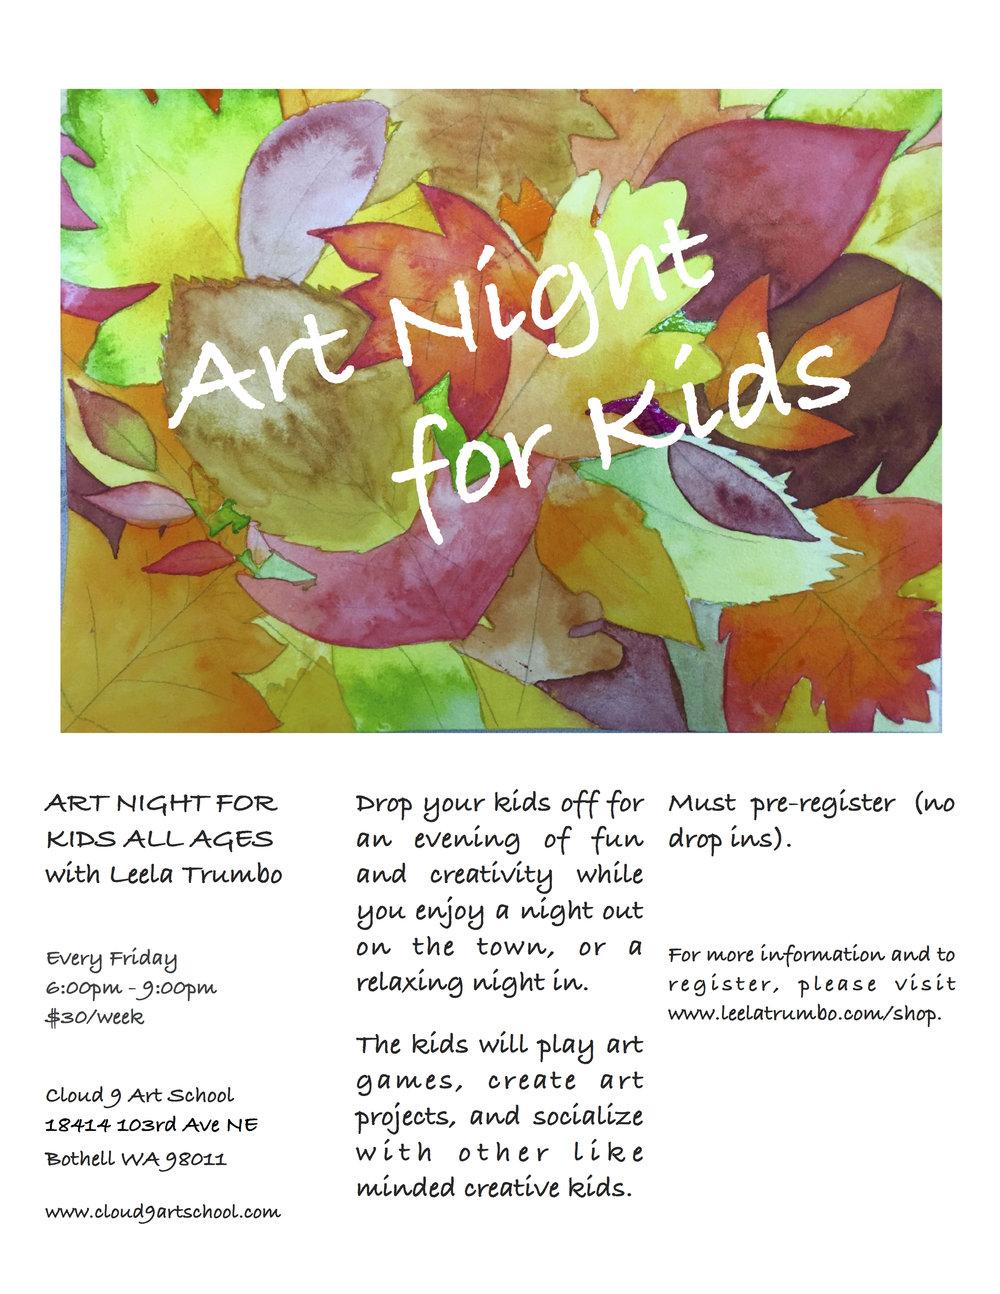 Art Night for Kids.jpg